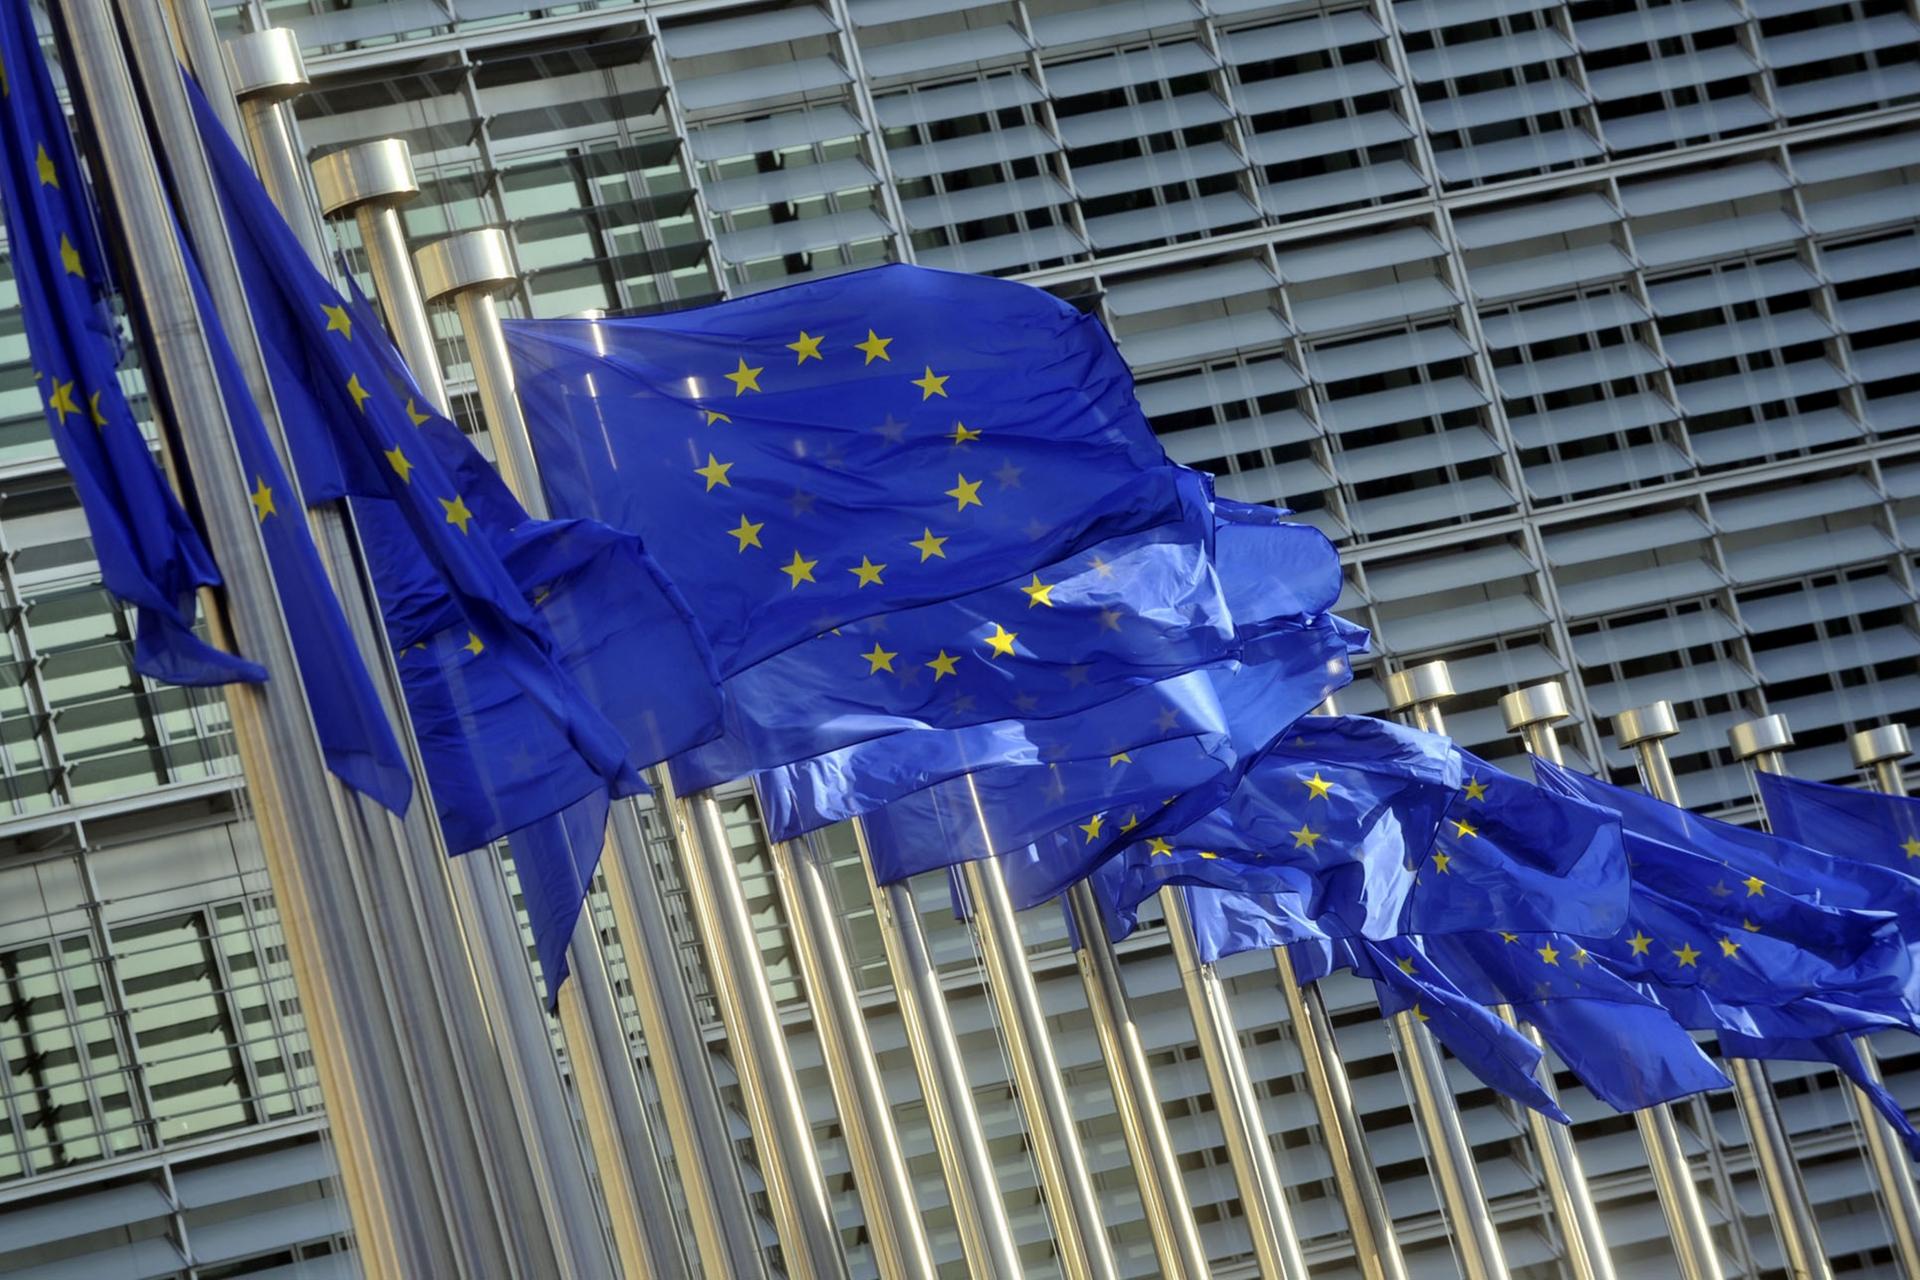 L'accordo Italia-UE? Una strategia di distrazione di massa per nascondere i veri problemi